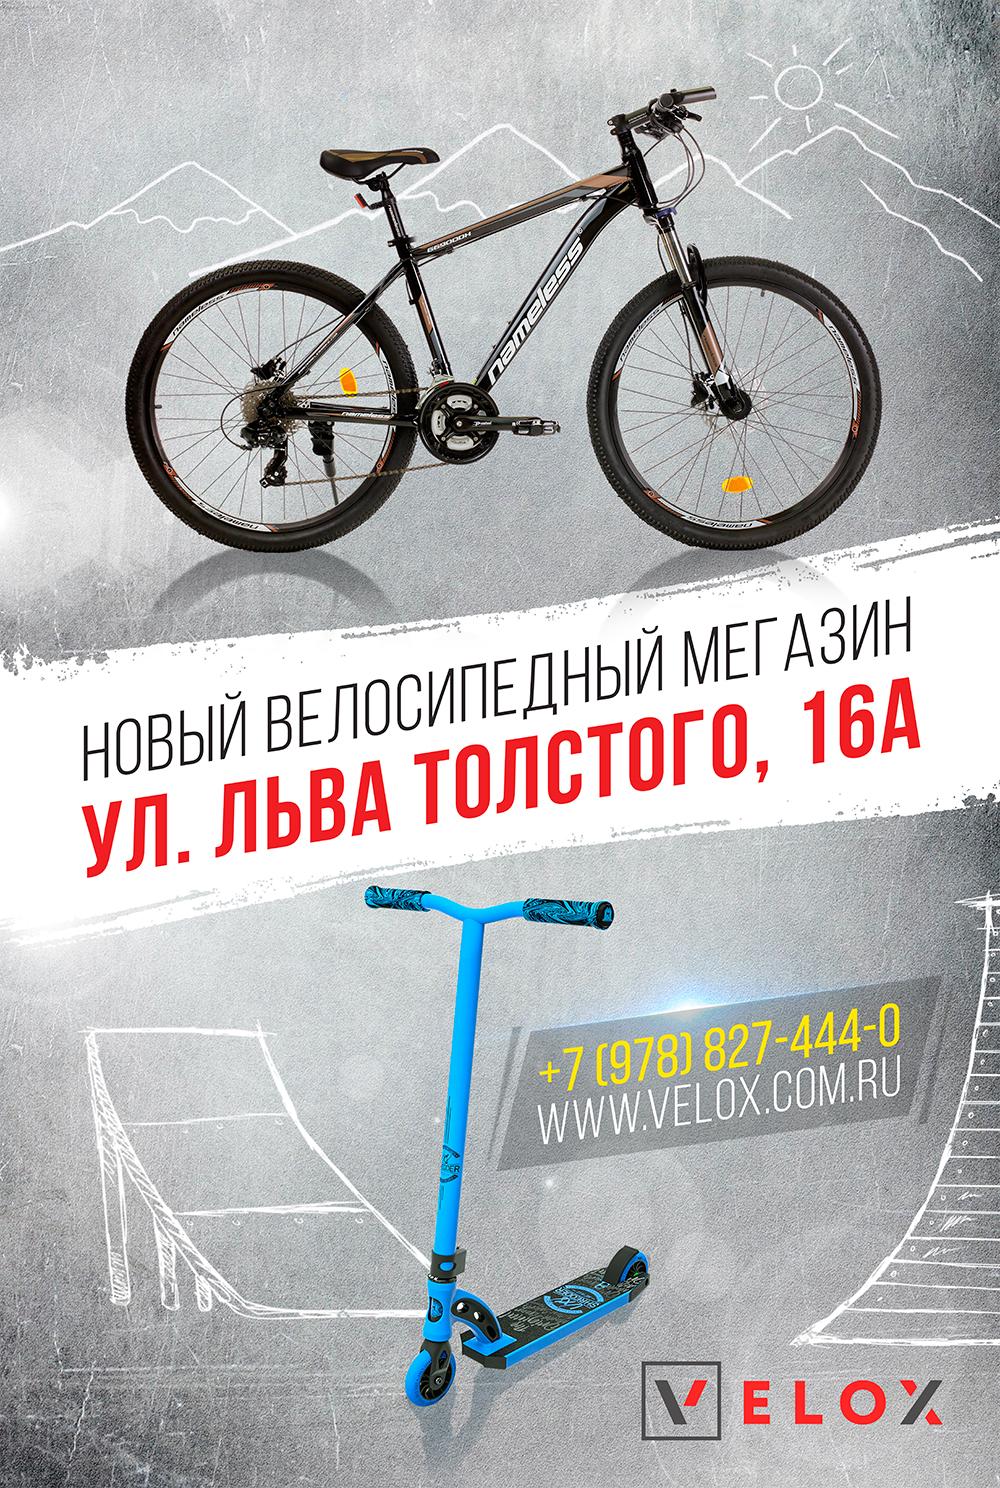 Полиграфический баннер для магазина велосипедах №2